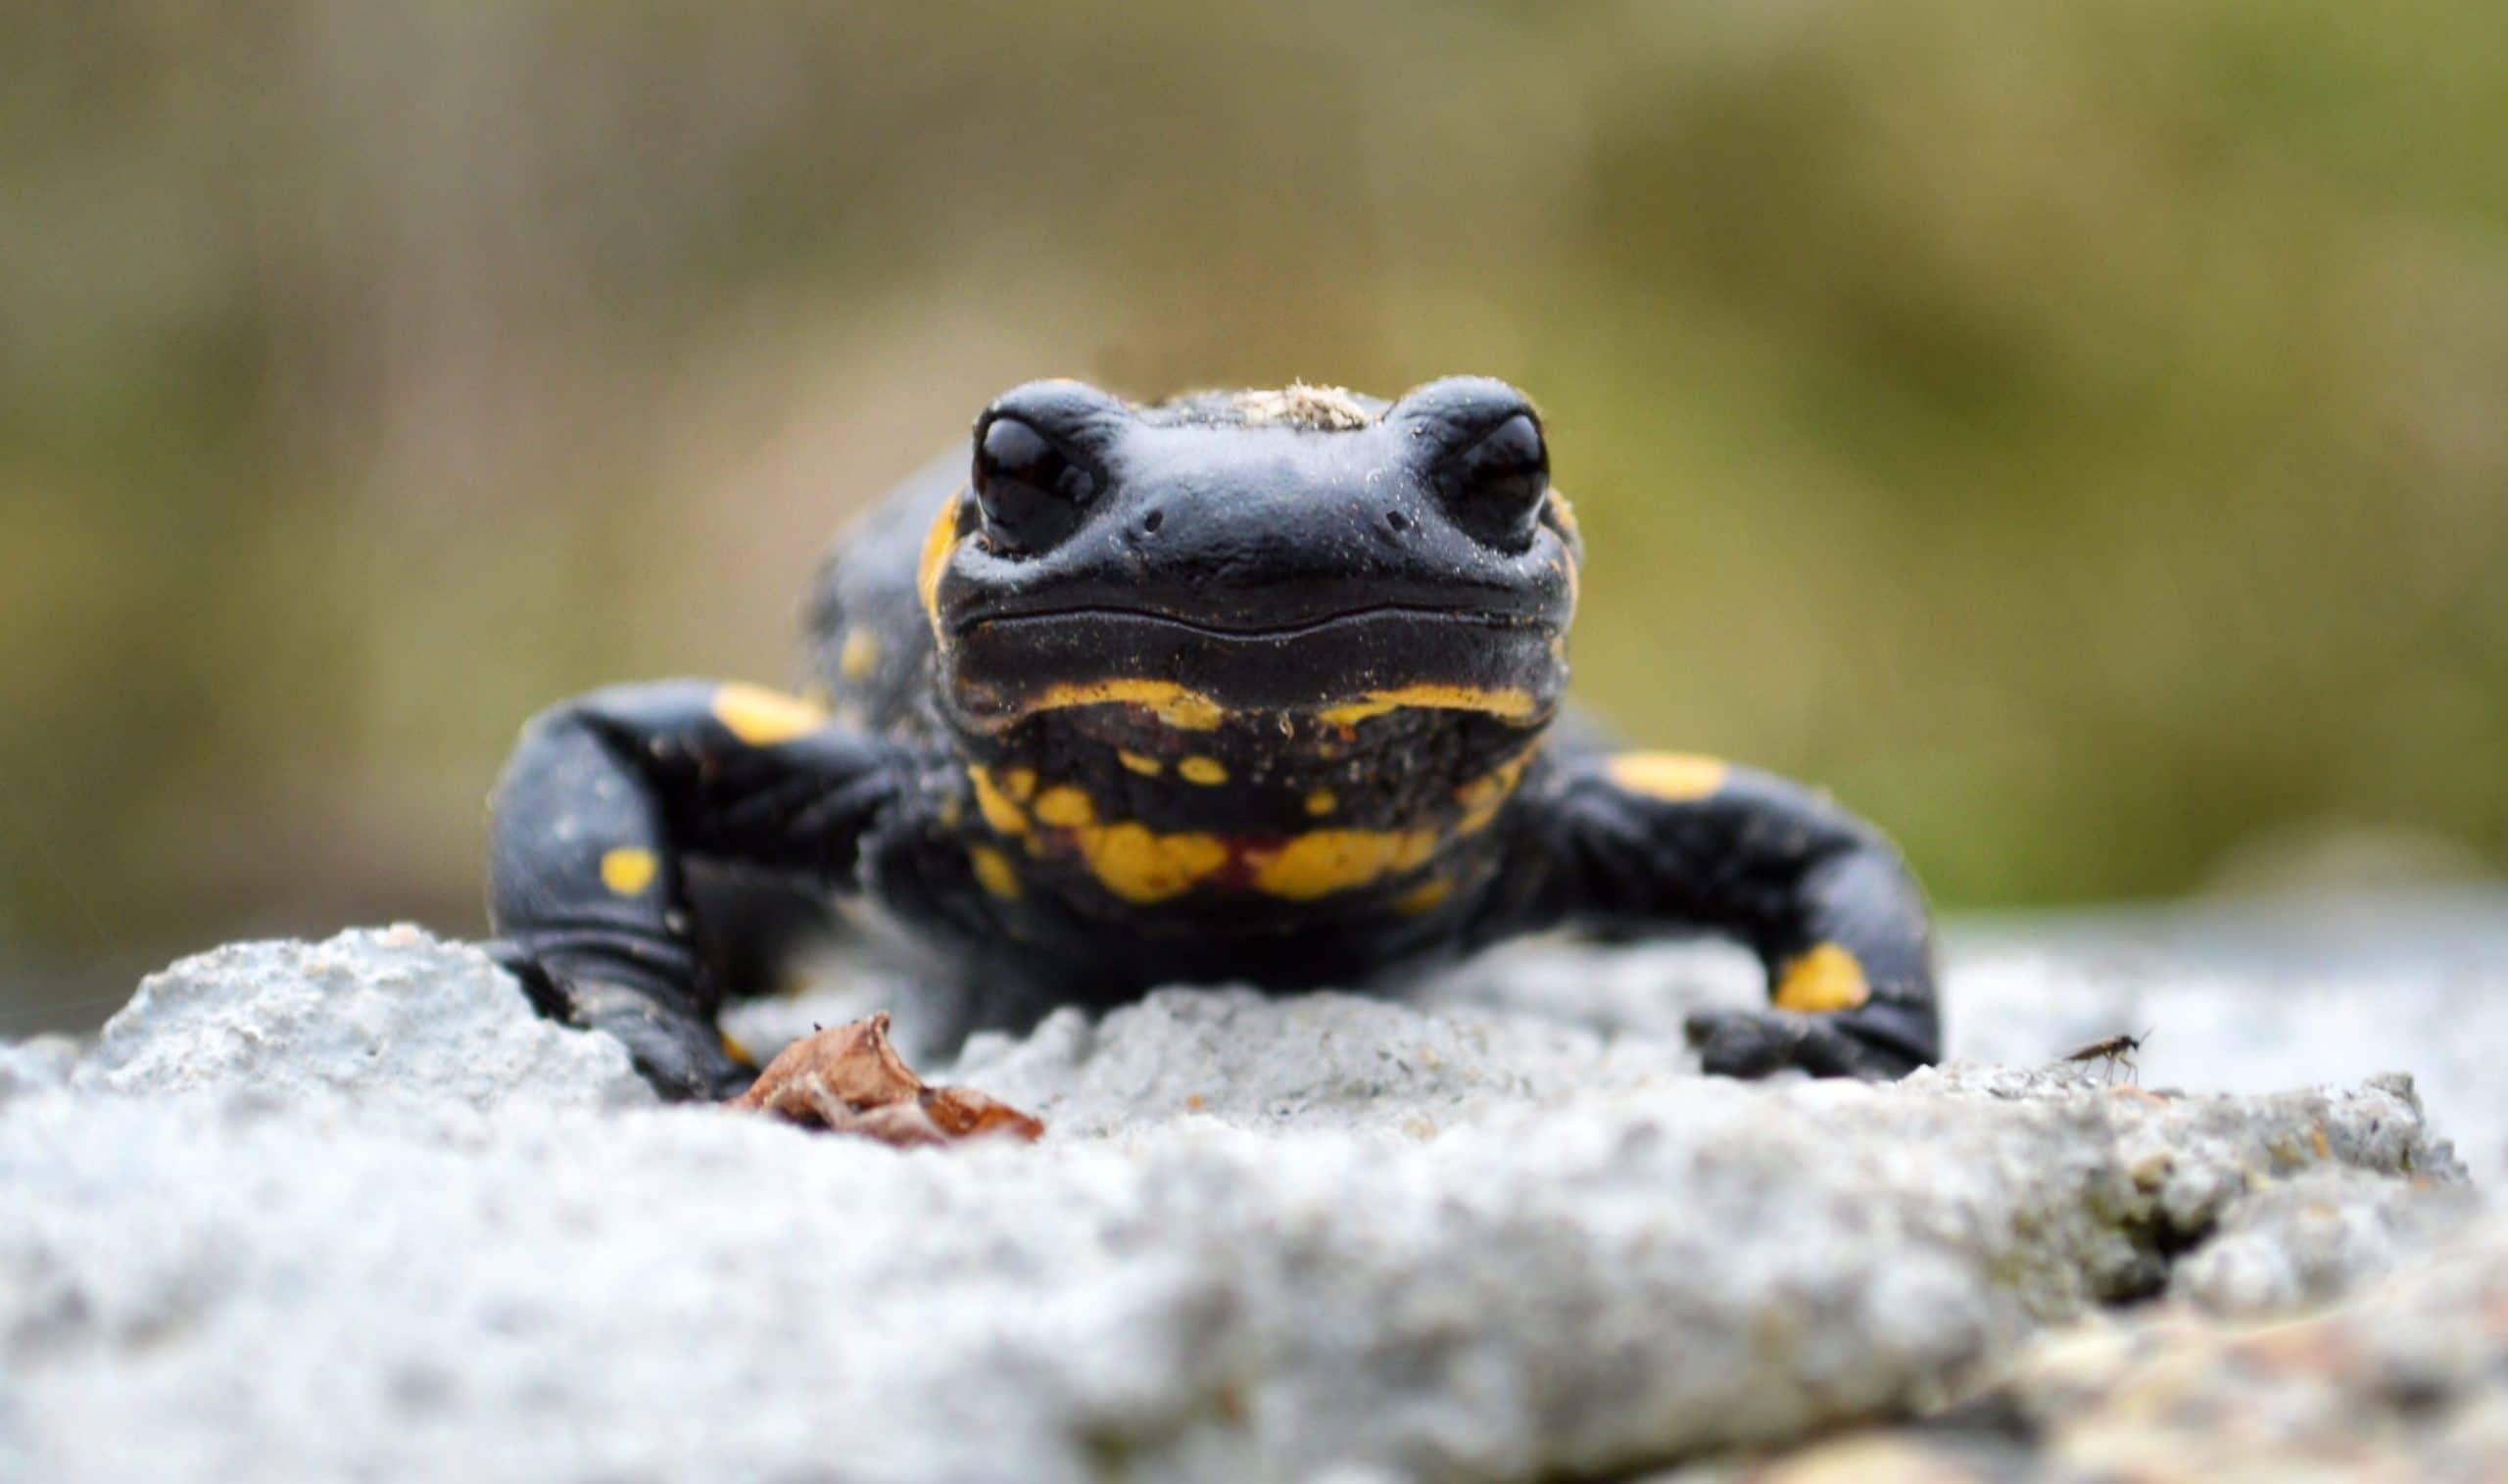 La salamandra común es un animal nocturno y sedentario